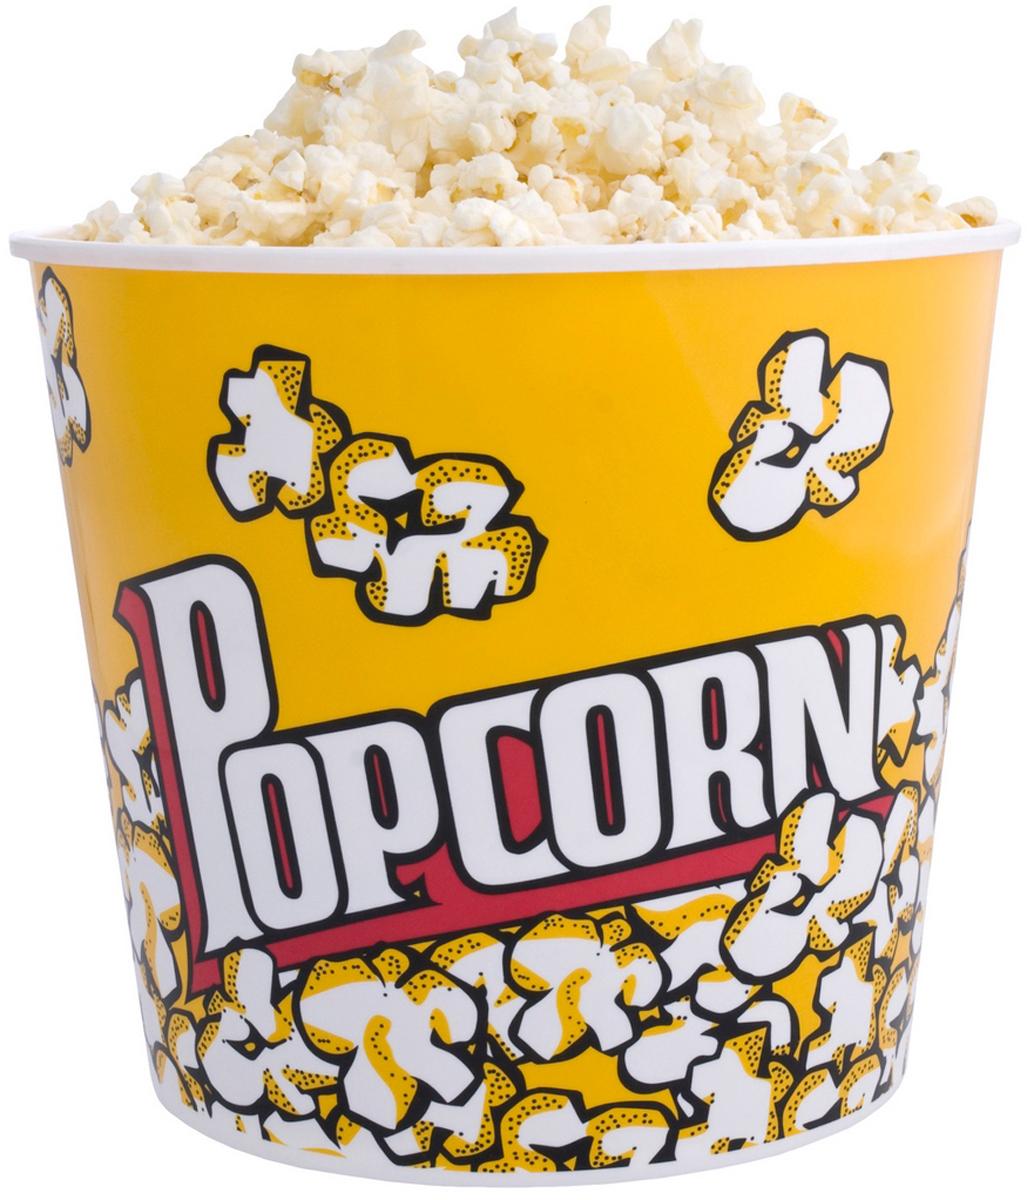 Стакан для попкорна Balvi Pop Corn, цвет: желтый, 2,8 л10342SLBZСпециальный стакан для попкорна Pop Corn очень вместителен, благодаря чему вам больше не придется возиться с неудобной и громоздкой посудой во время просмотра кино. Емкость для попкорна состоит из качественного пищевого пластика и украшена стильной надписью. Стакан очень легкий и подойдет для большой семьи или веселой компании друзей, любящих по вечерам собираться вместе, чтобы насладиться любимым фильмом. - Емкость стакана 2,8 л. - Стакан для попкорна подойдет для большой компании. - Стакан изготовлен из качественного и безвредного пищевого пластика.